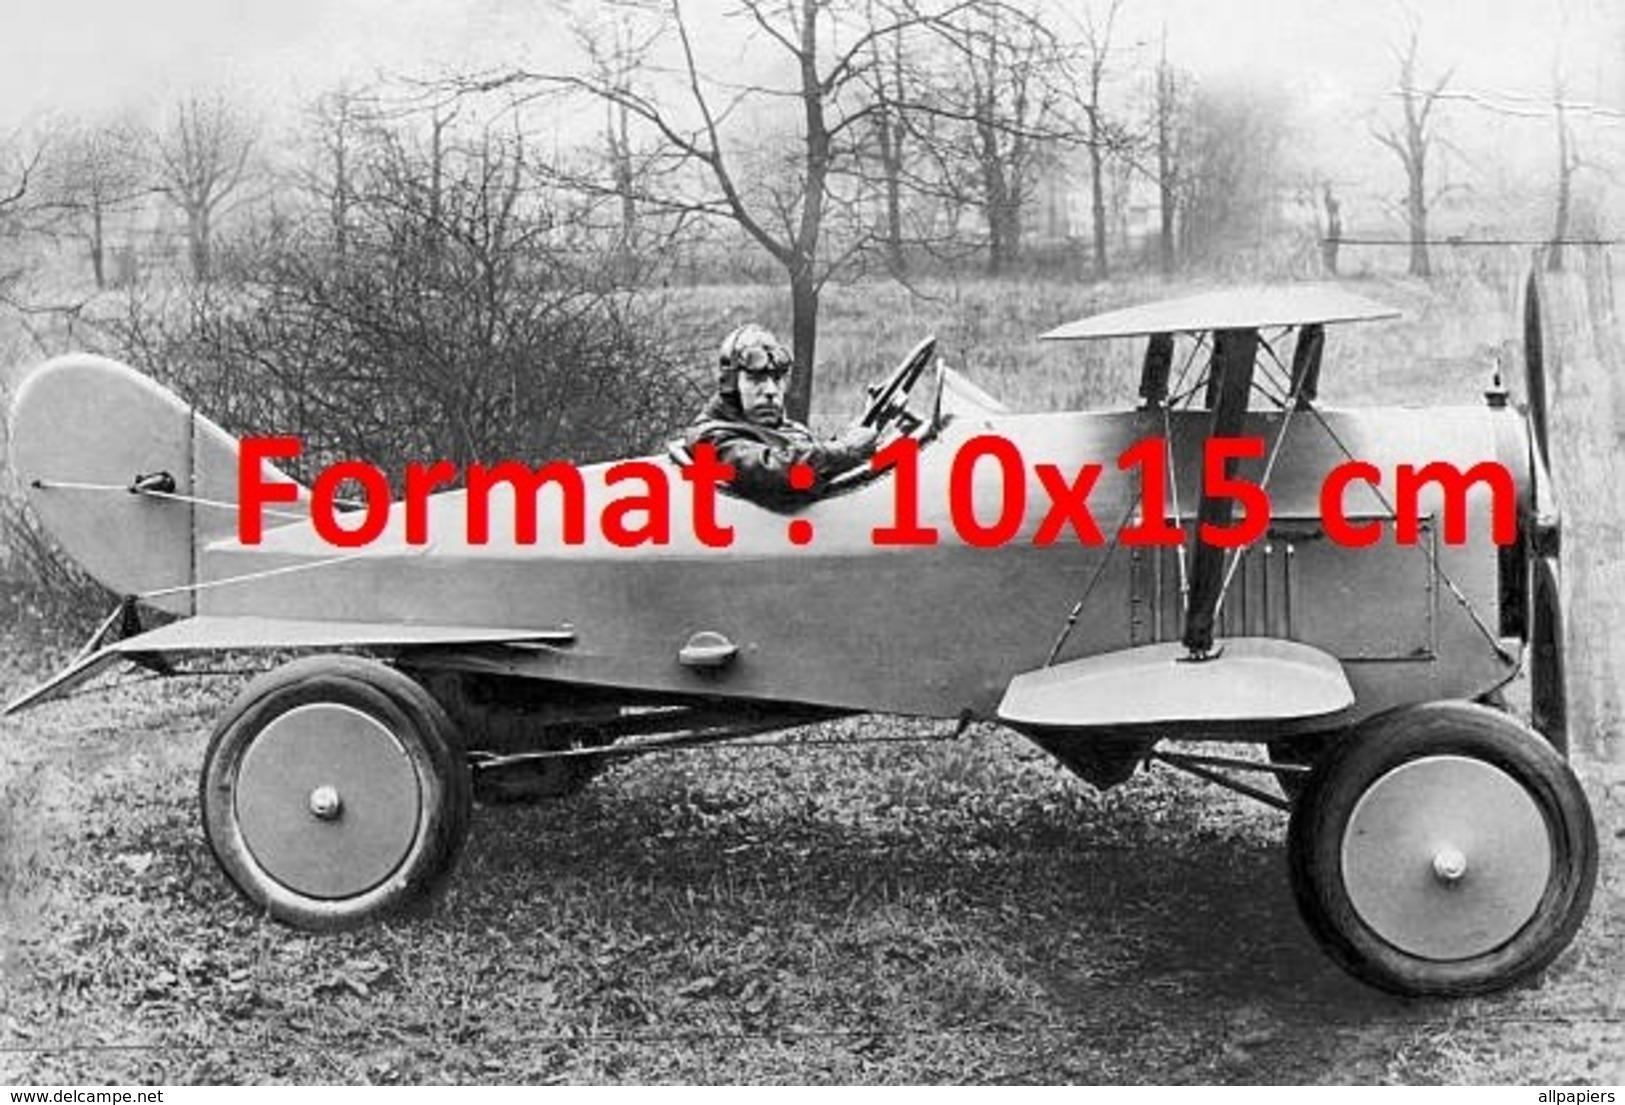 Reproduction D'une Photographie Ancienne D'un Avion Combiné Avec 4 Roues En 1924 - Repro's